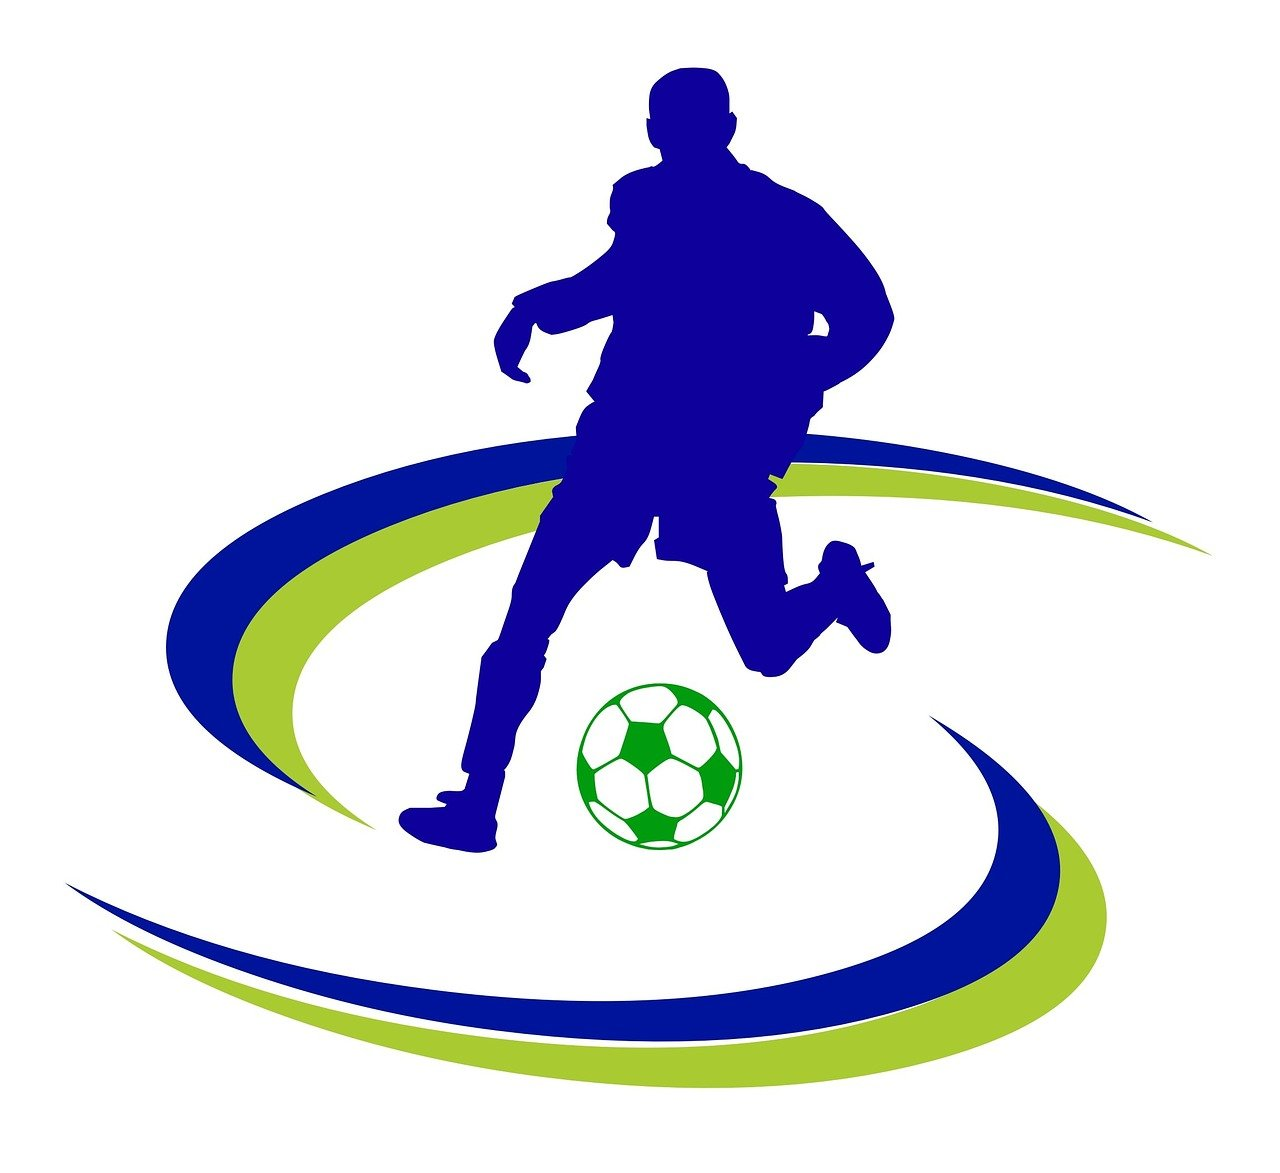 Soccer Logo Maker  Create Your Own Soccer Logo  BrandCrowd